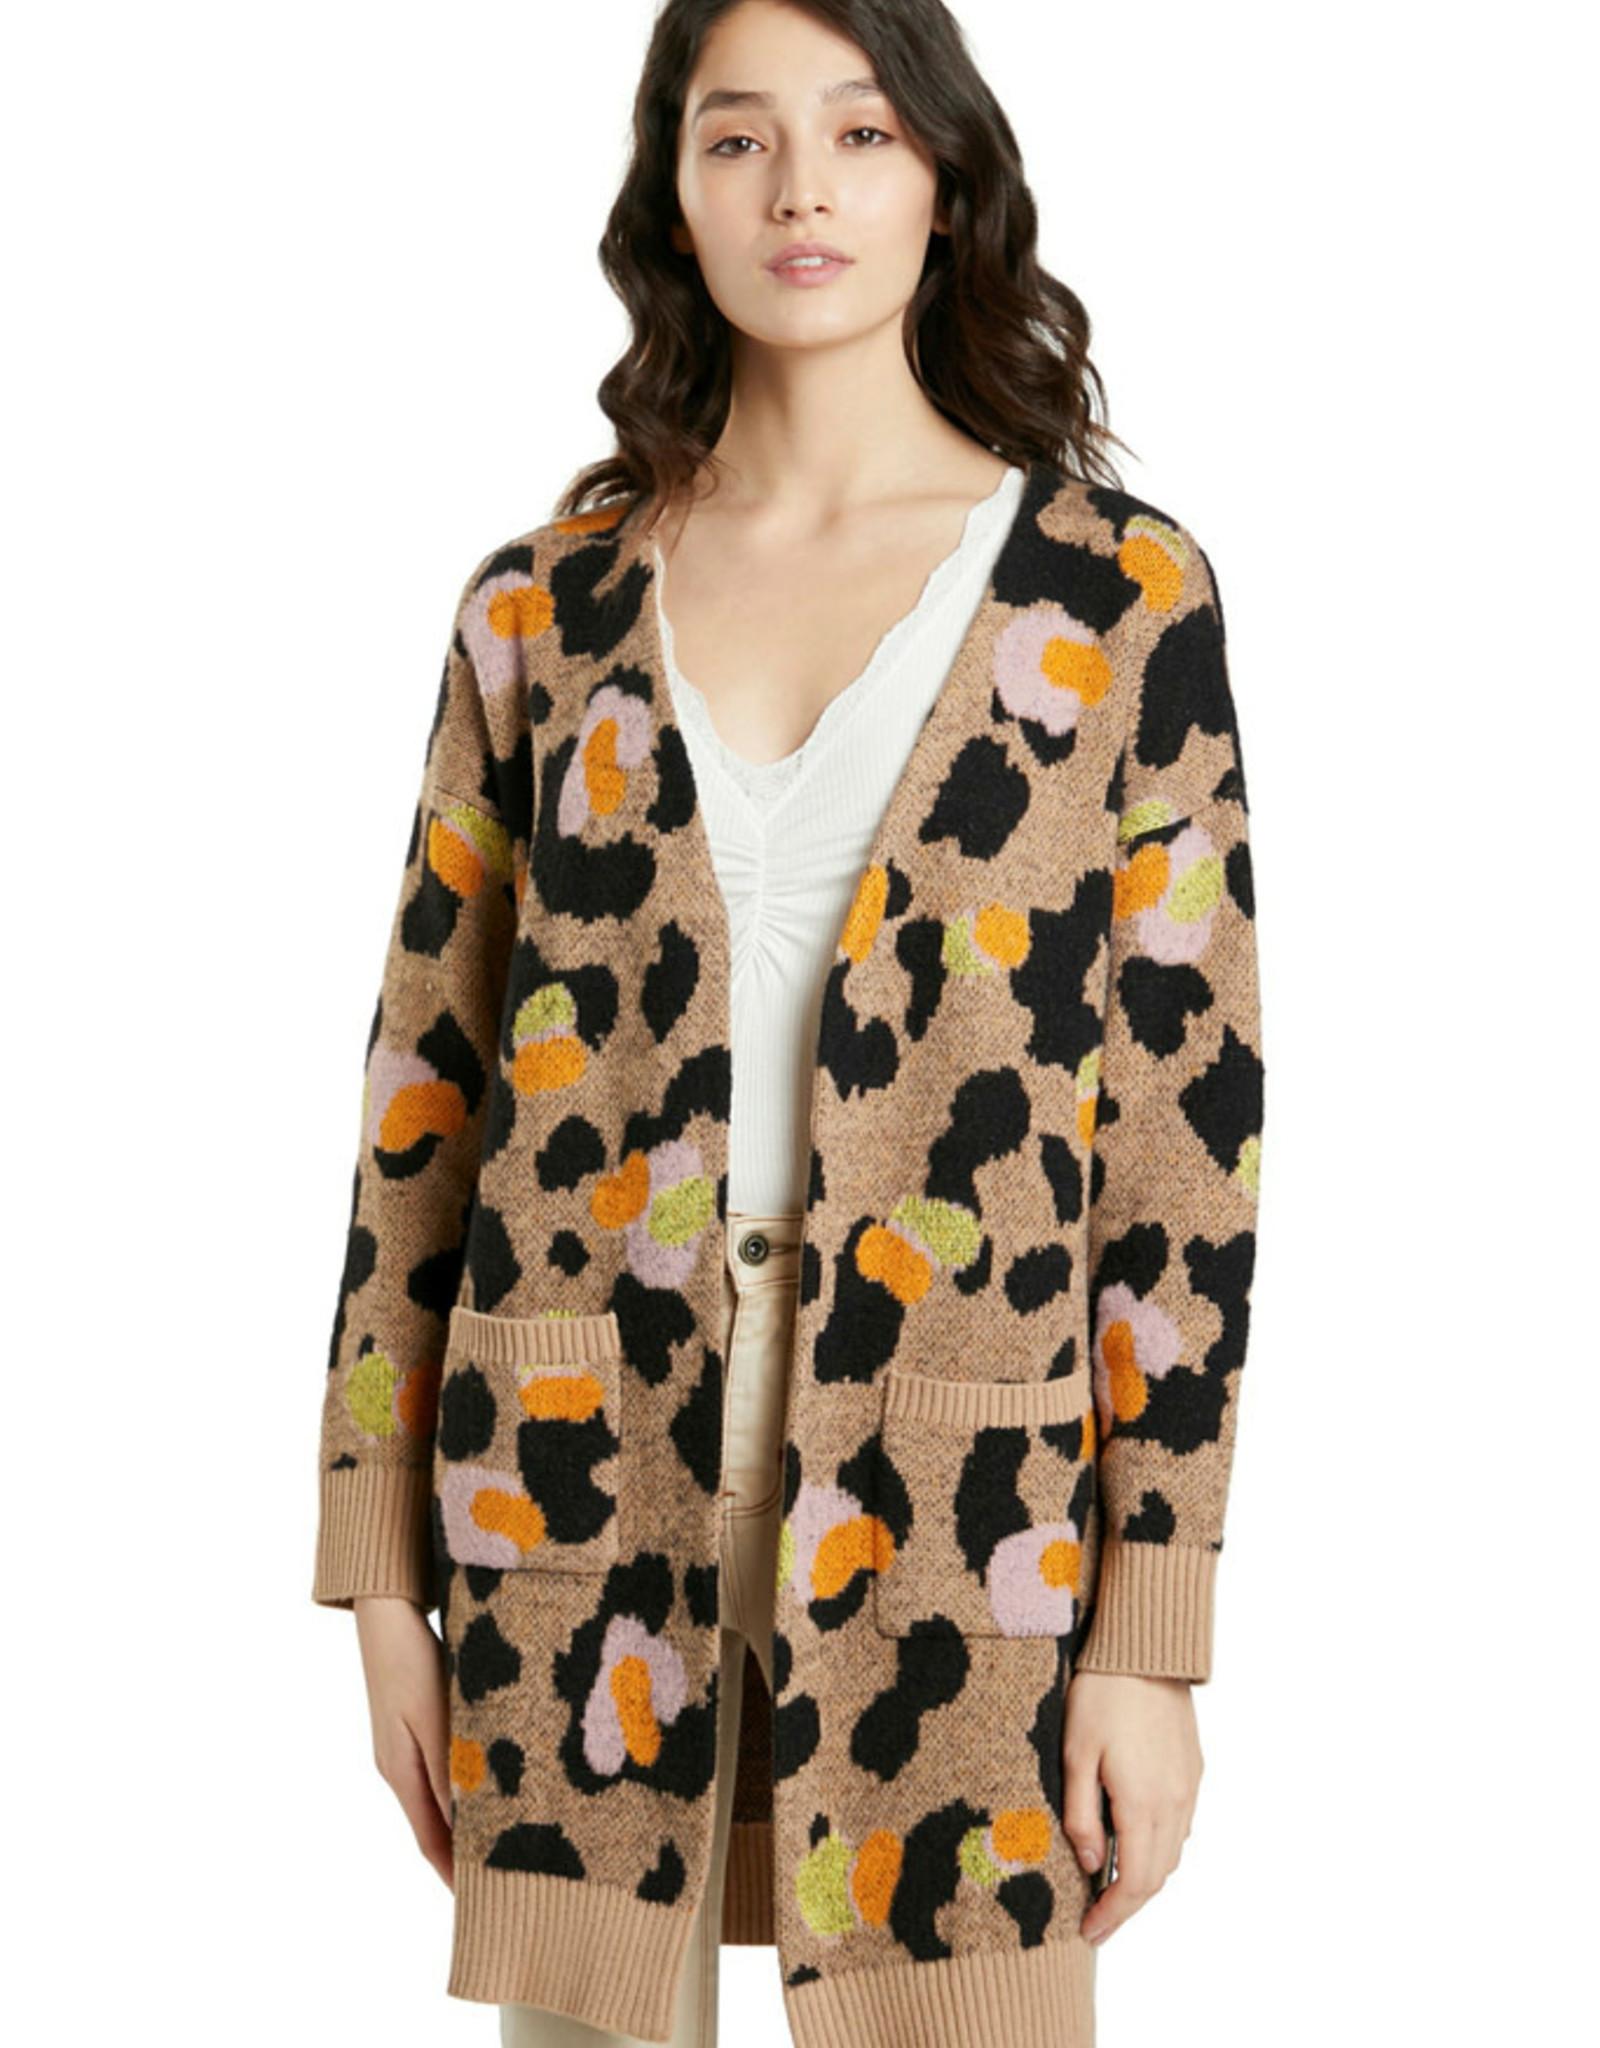 DESIG 21WWJF40 6011 Camel Sonia Cardigan Sweater